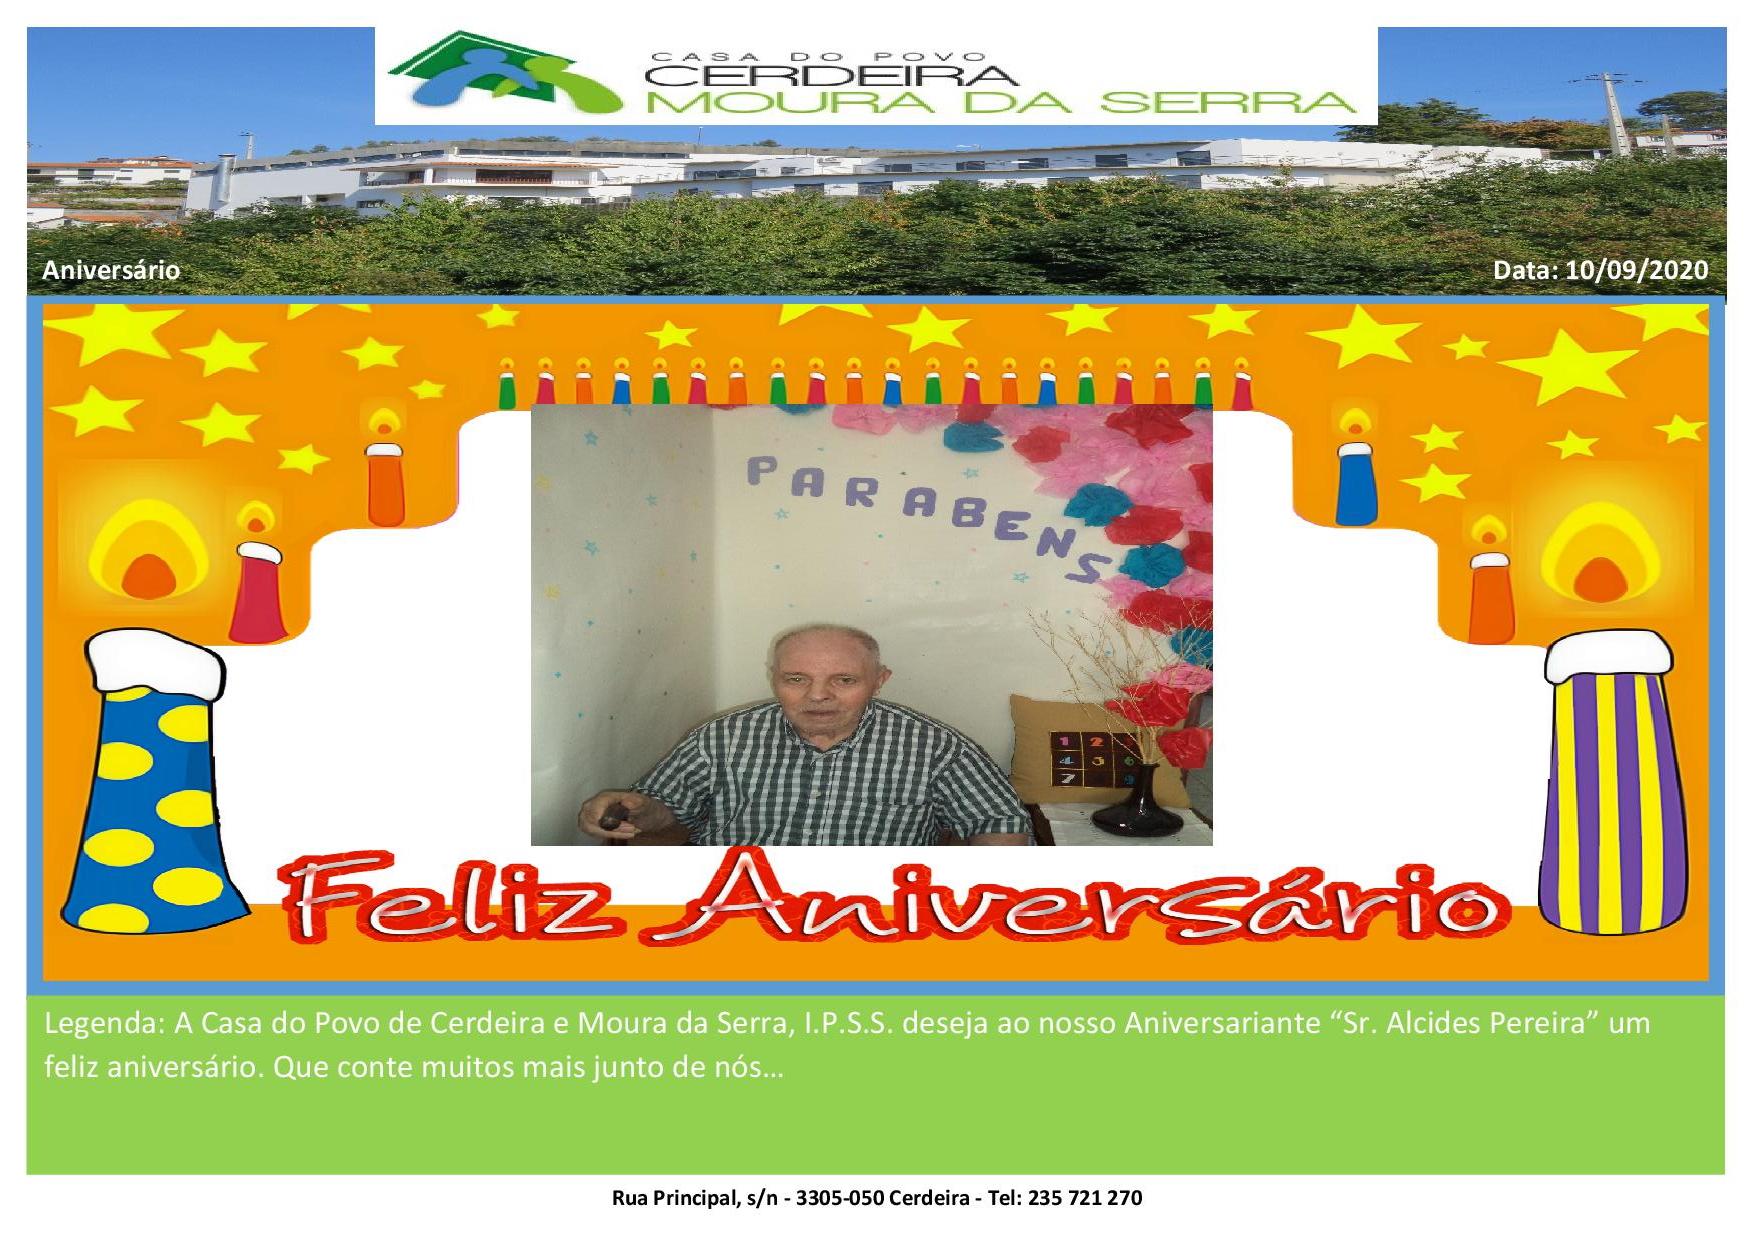 Aniversário Sr. Alcides